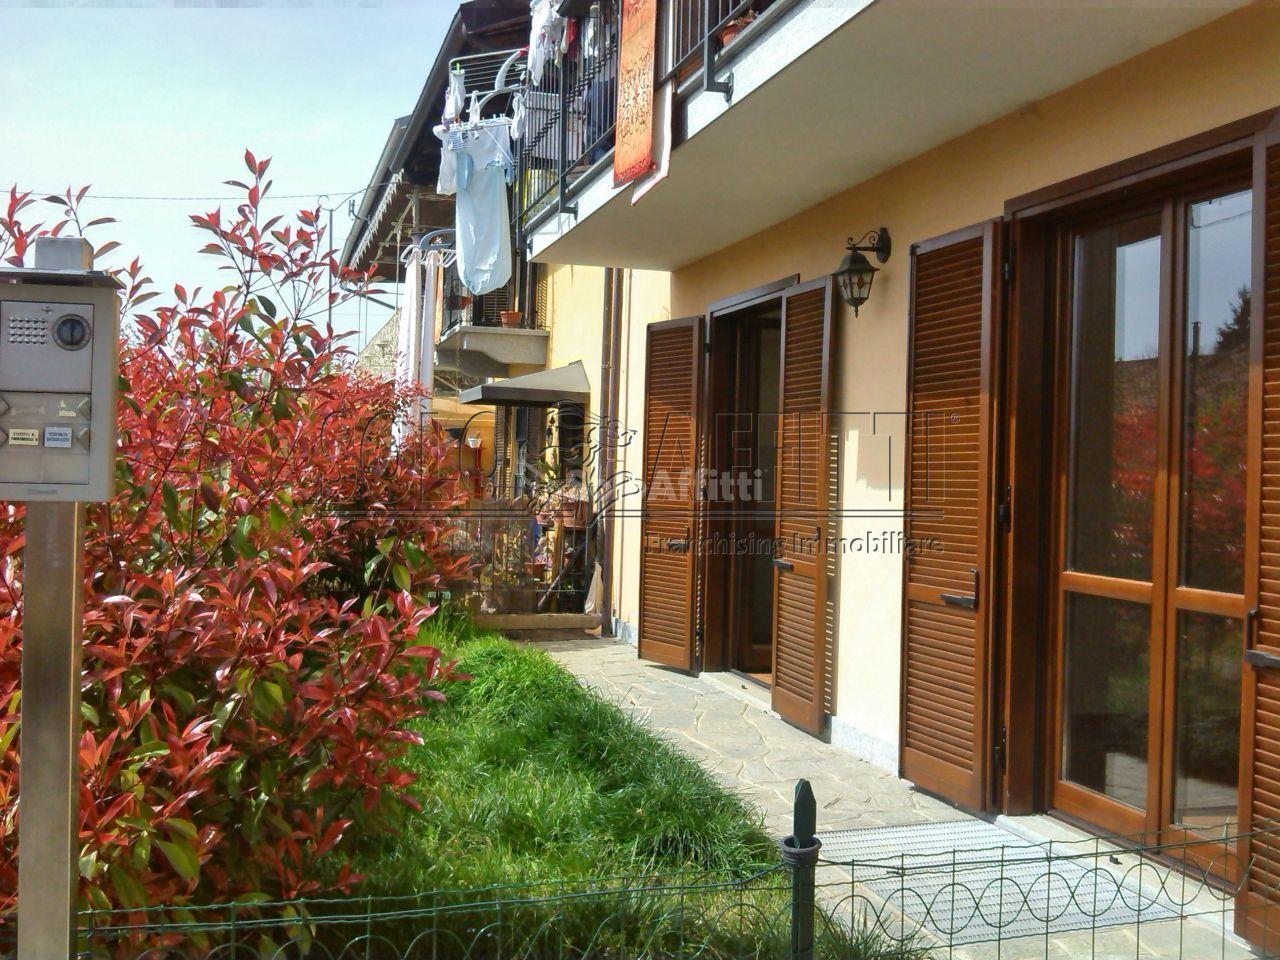 Foto 1 di Appartamento via Tetti Trinità  28, Montaldo Torinese